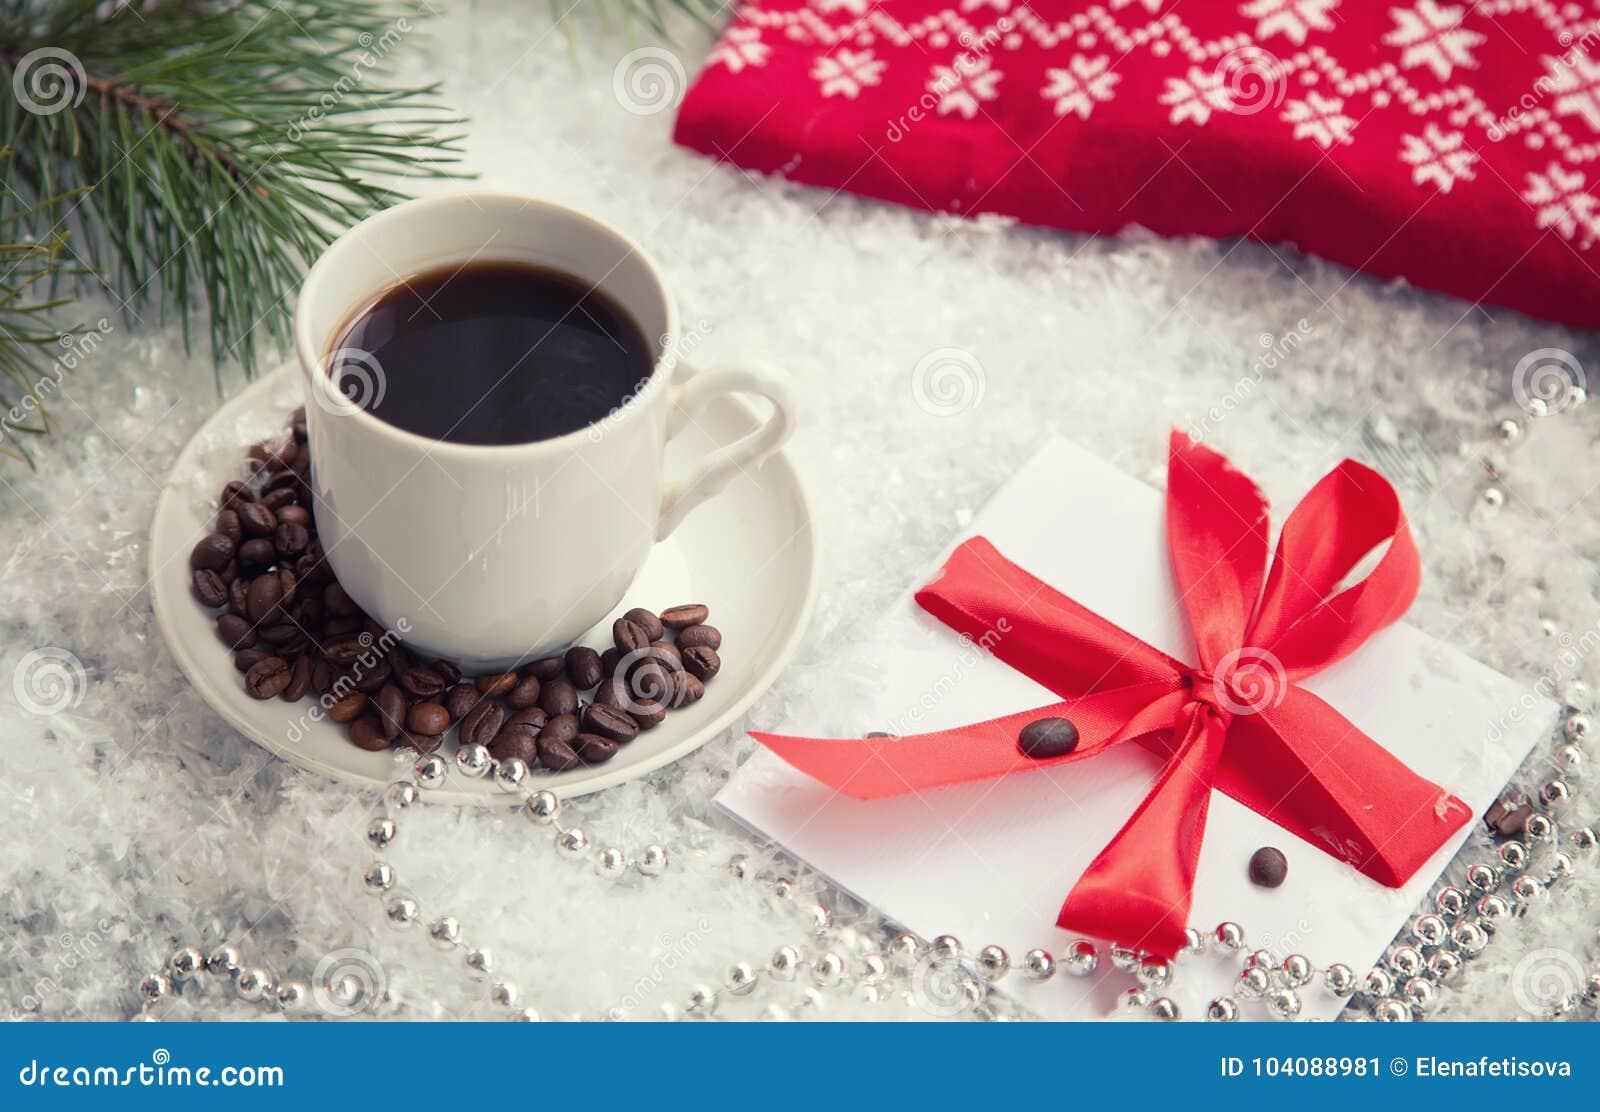 Café quente, pulôver morno vermelho e letra de Santa Claus em um fundo nevado